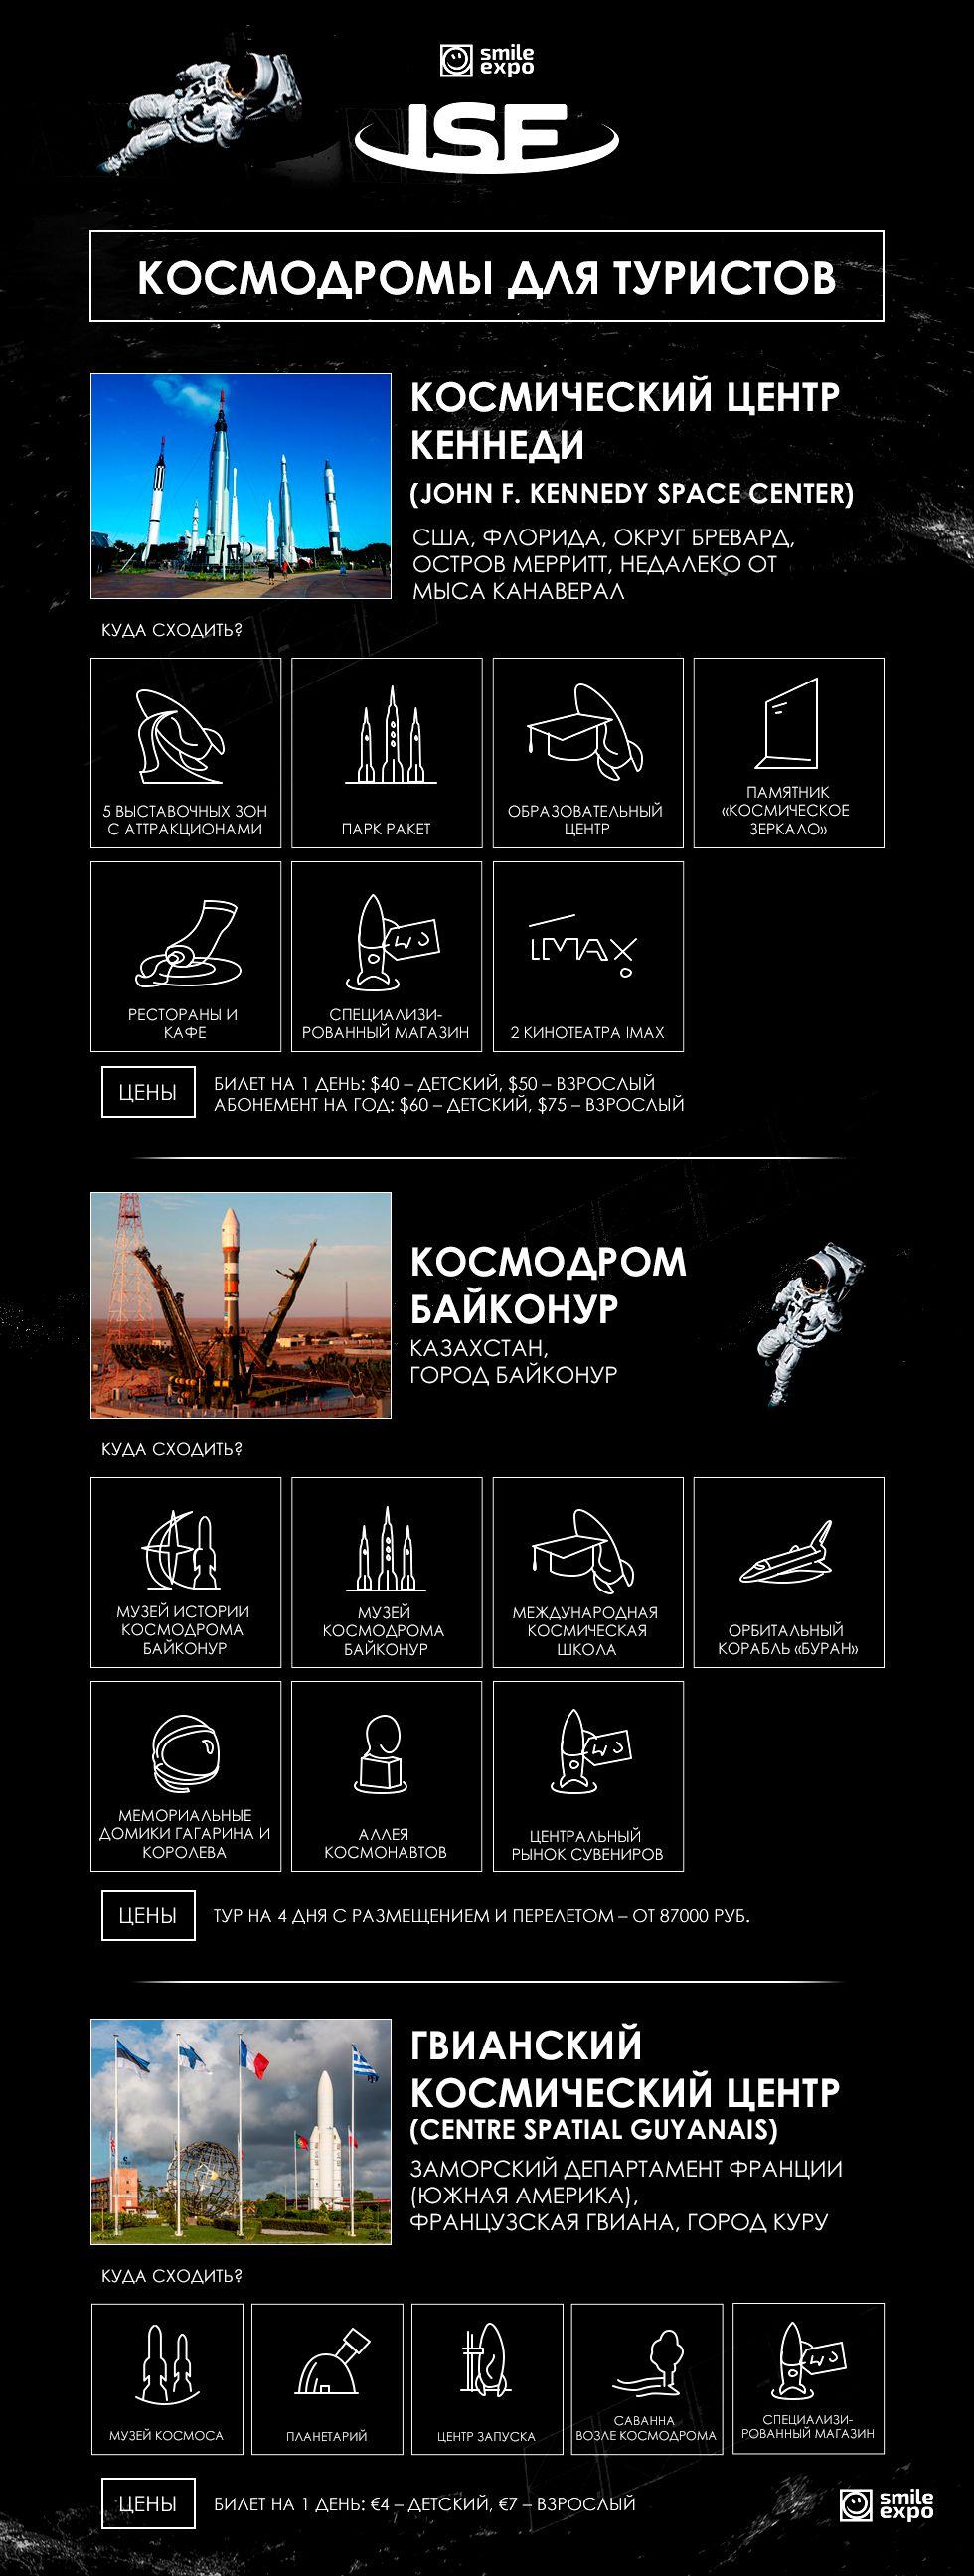 InSpace - Космодромы для туристов - Инфографика